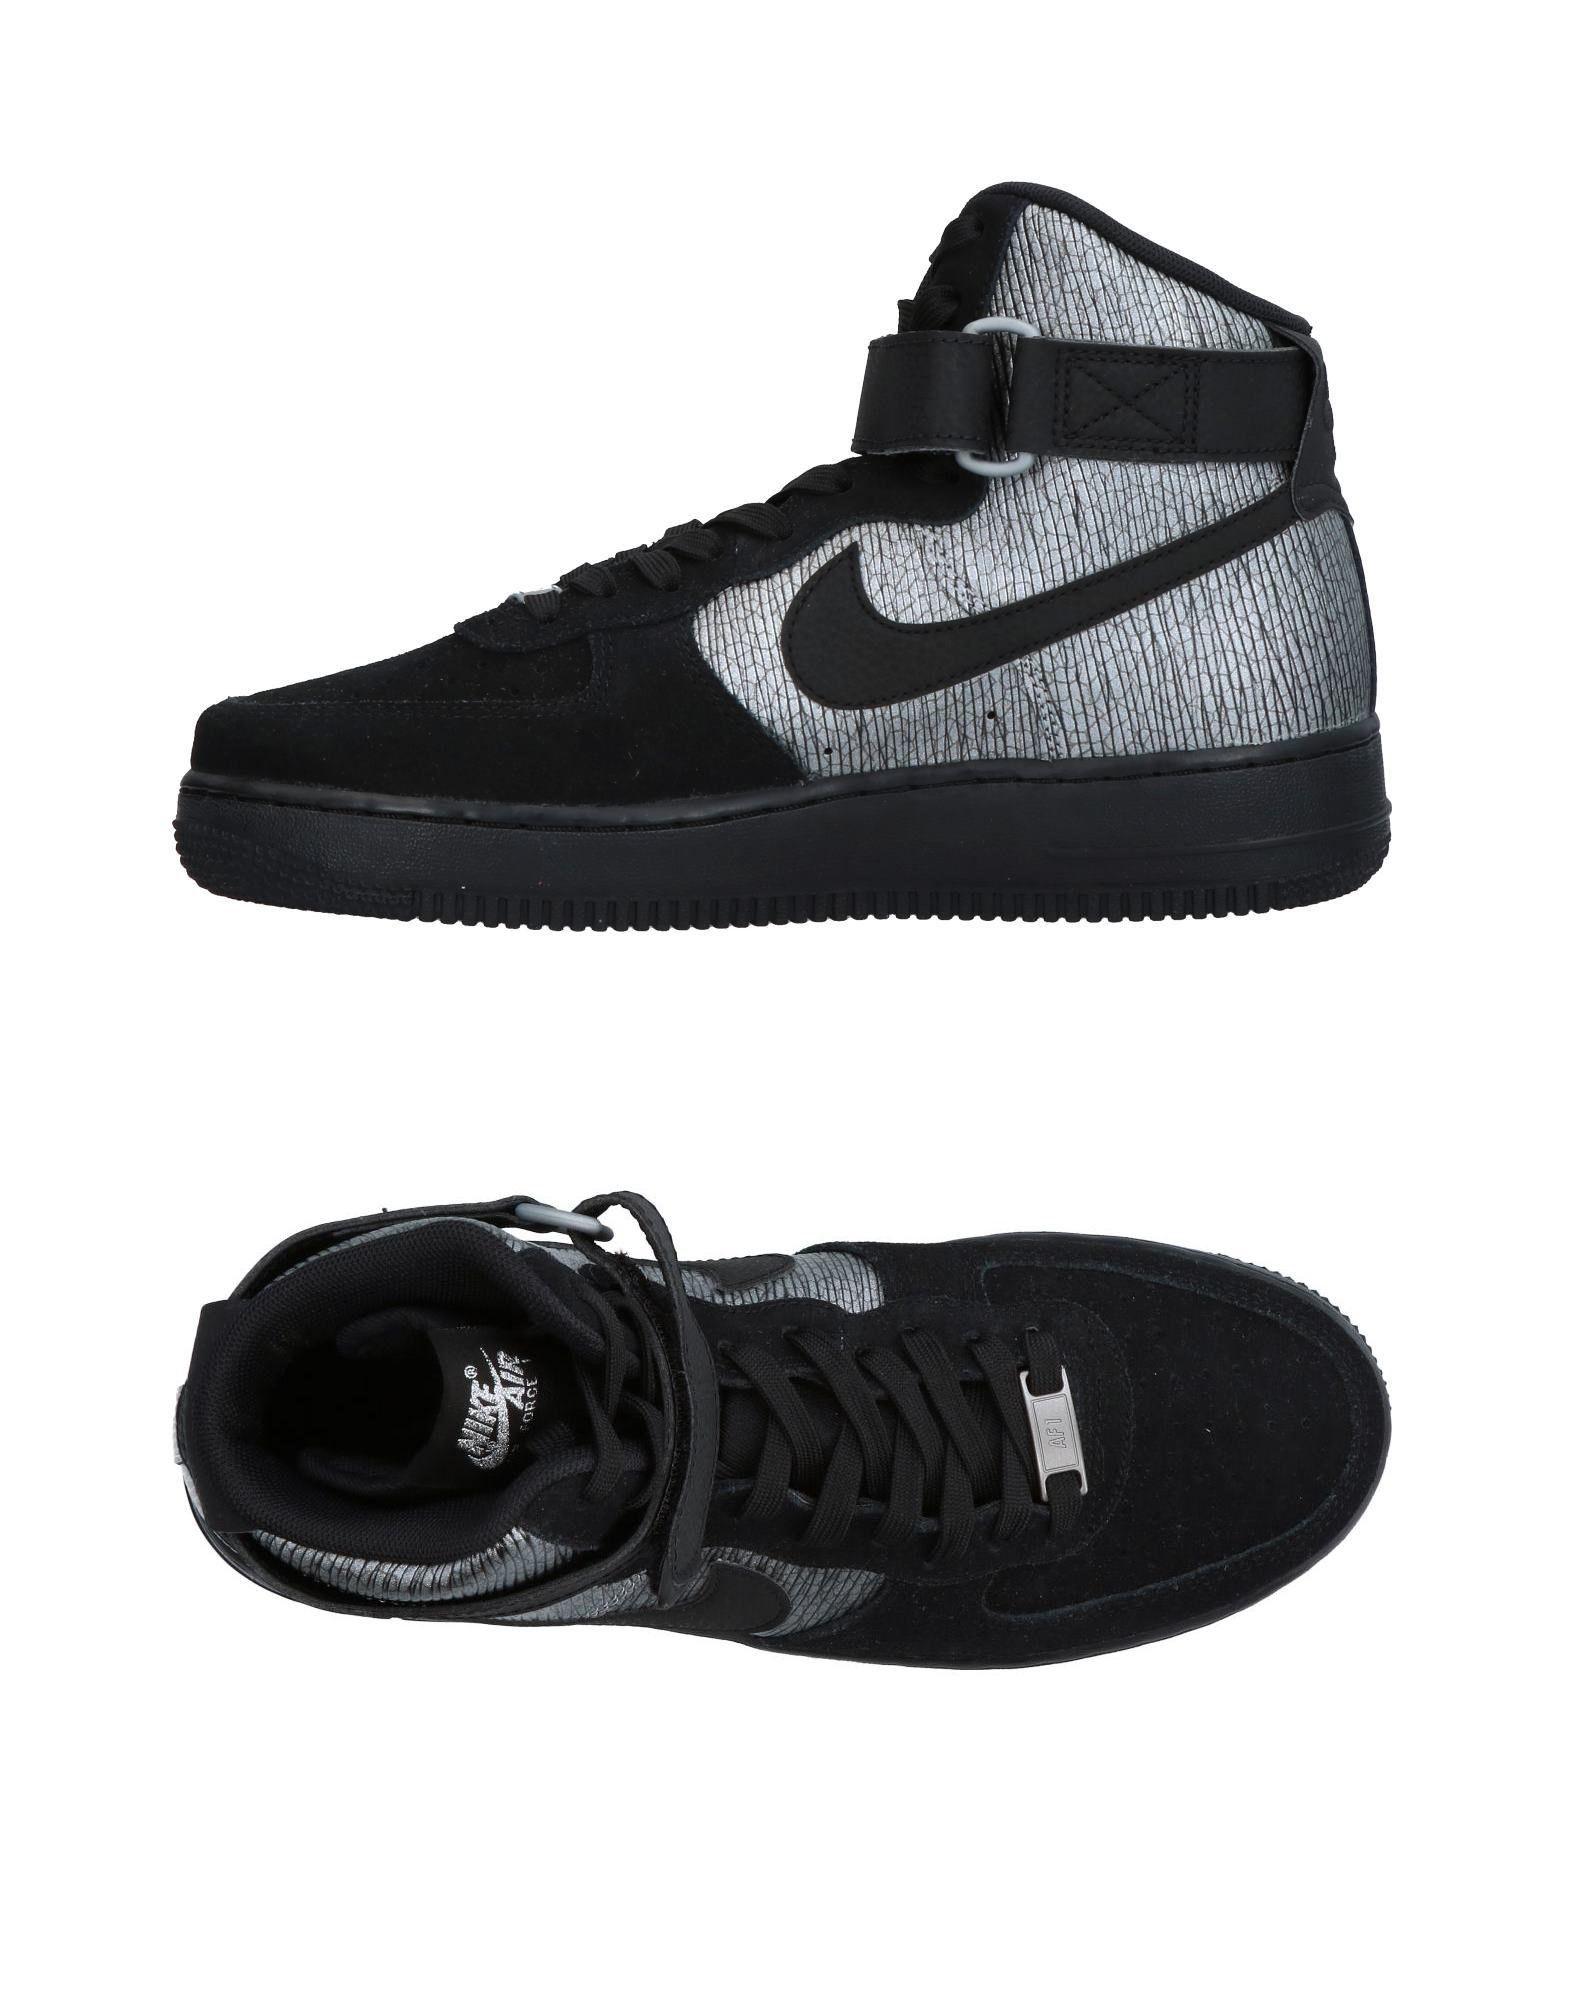 Baskets Nike Femme - Baskets Nike Noir Nouvelles chaussures pour hommes et femmes, remise limitée dans le temps